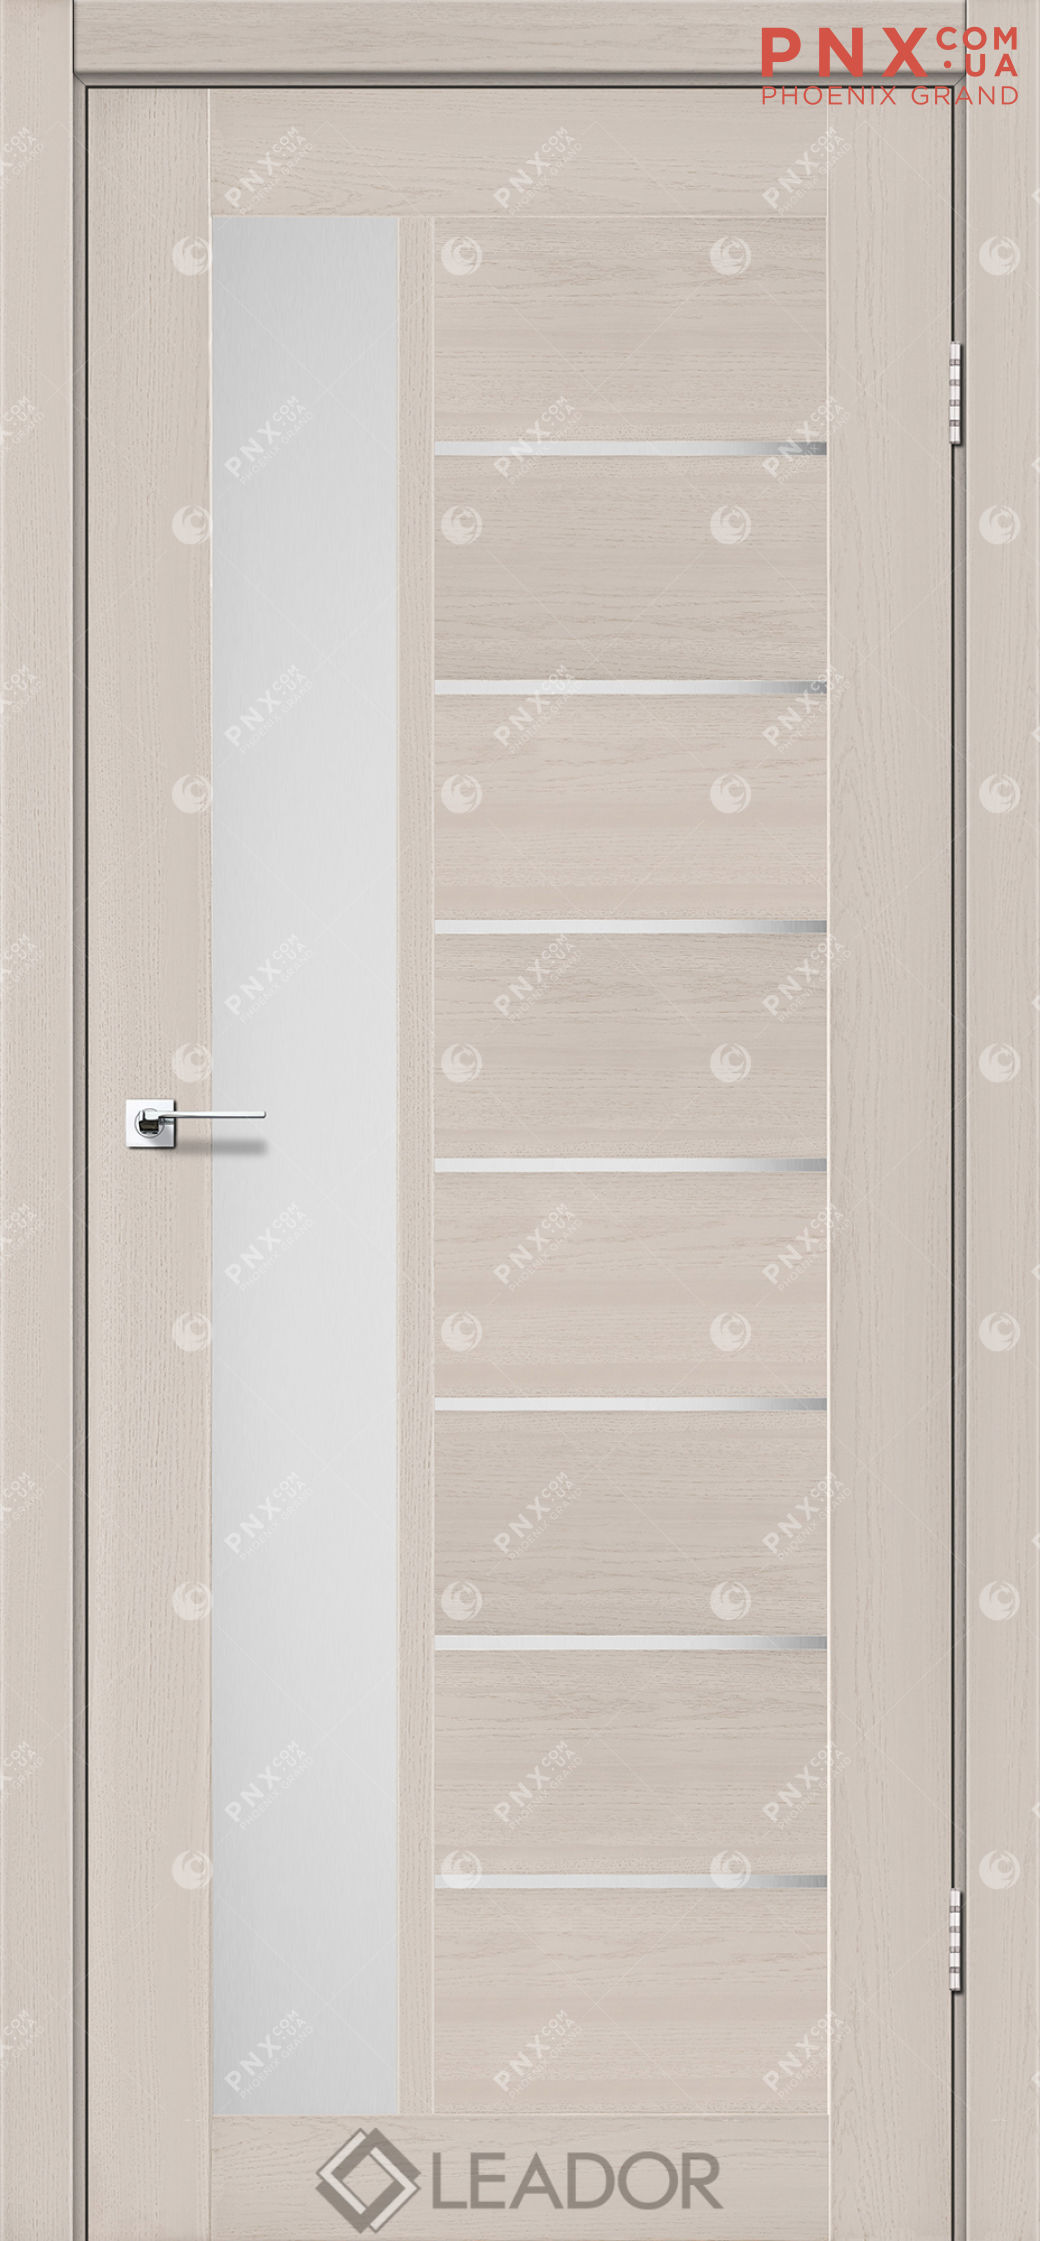 Межкомнатная дверь LEADOR Lorenza, Дуб Латте, Белое стекло сатин